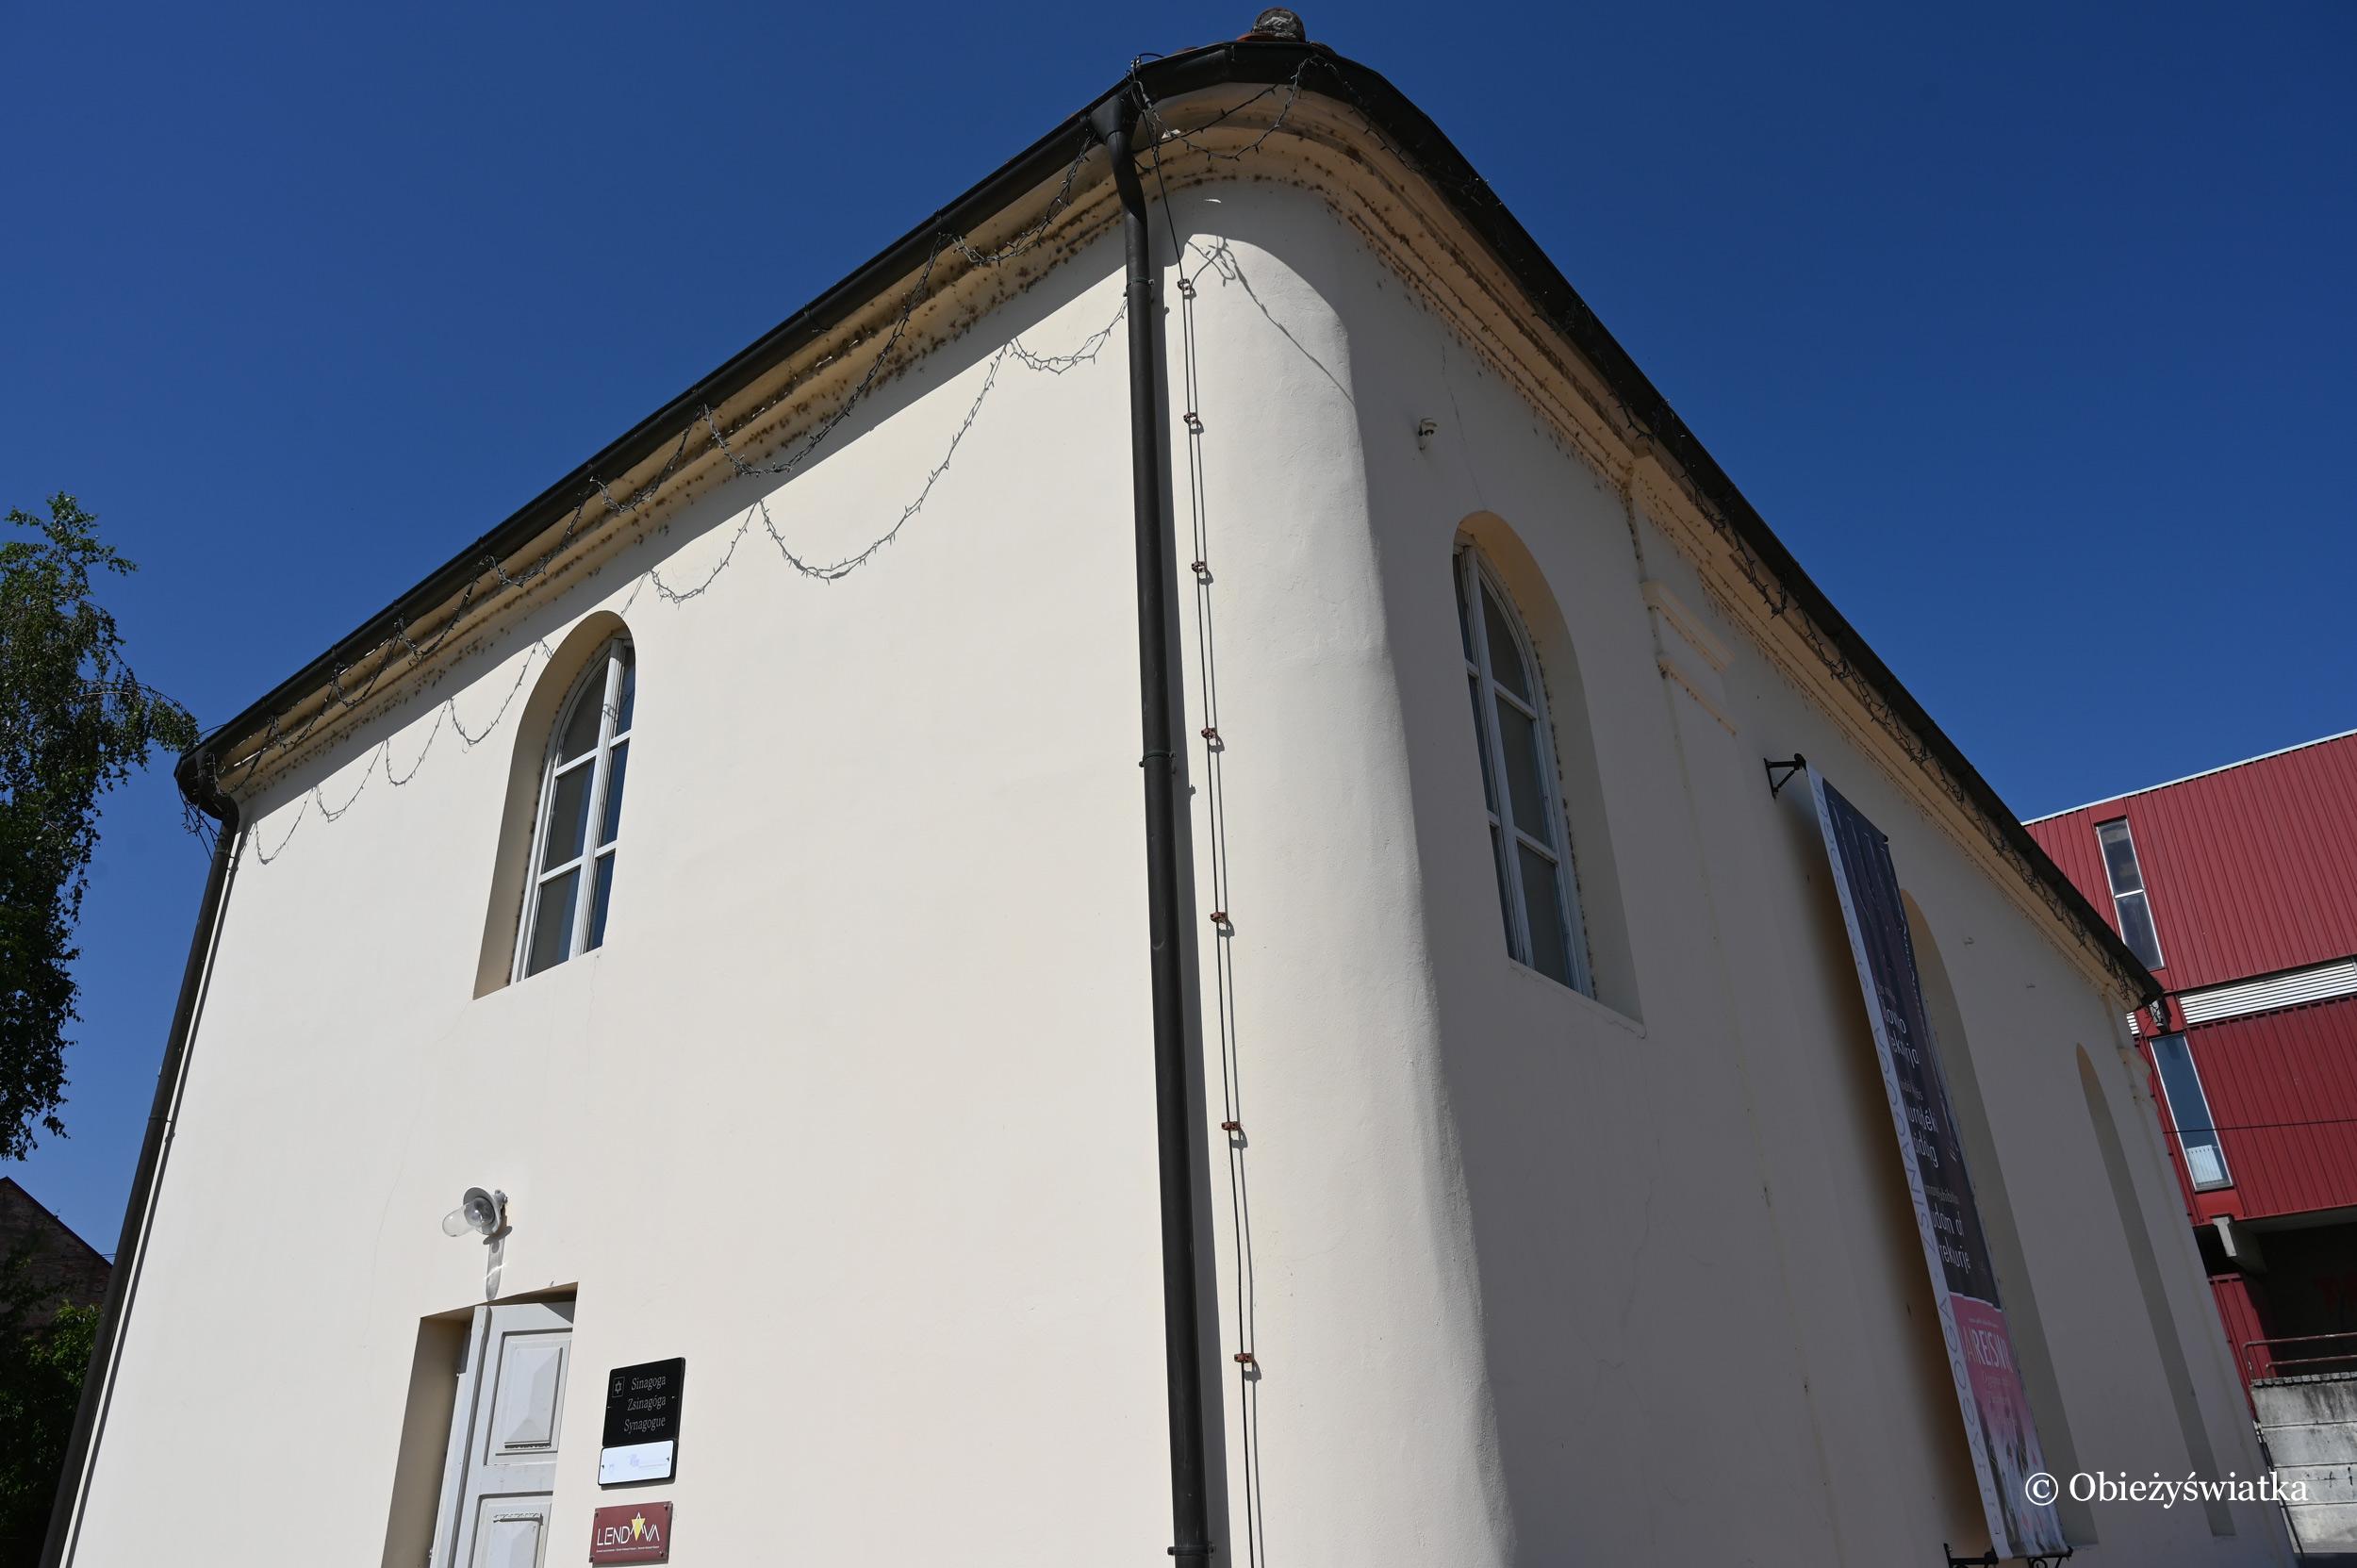 Budynek synagogi w Lendavie